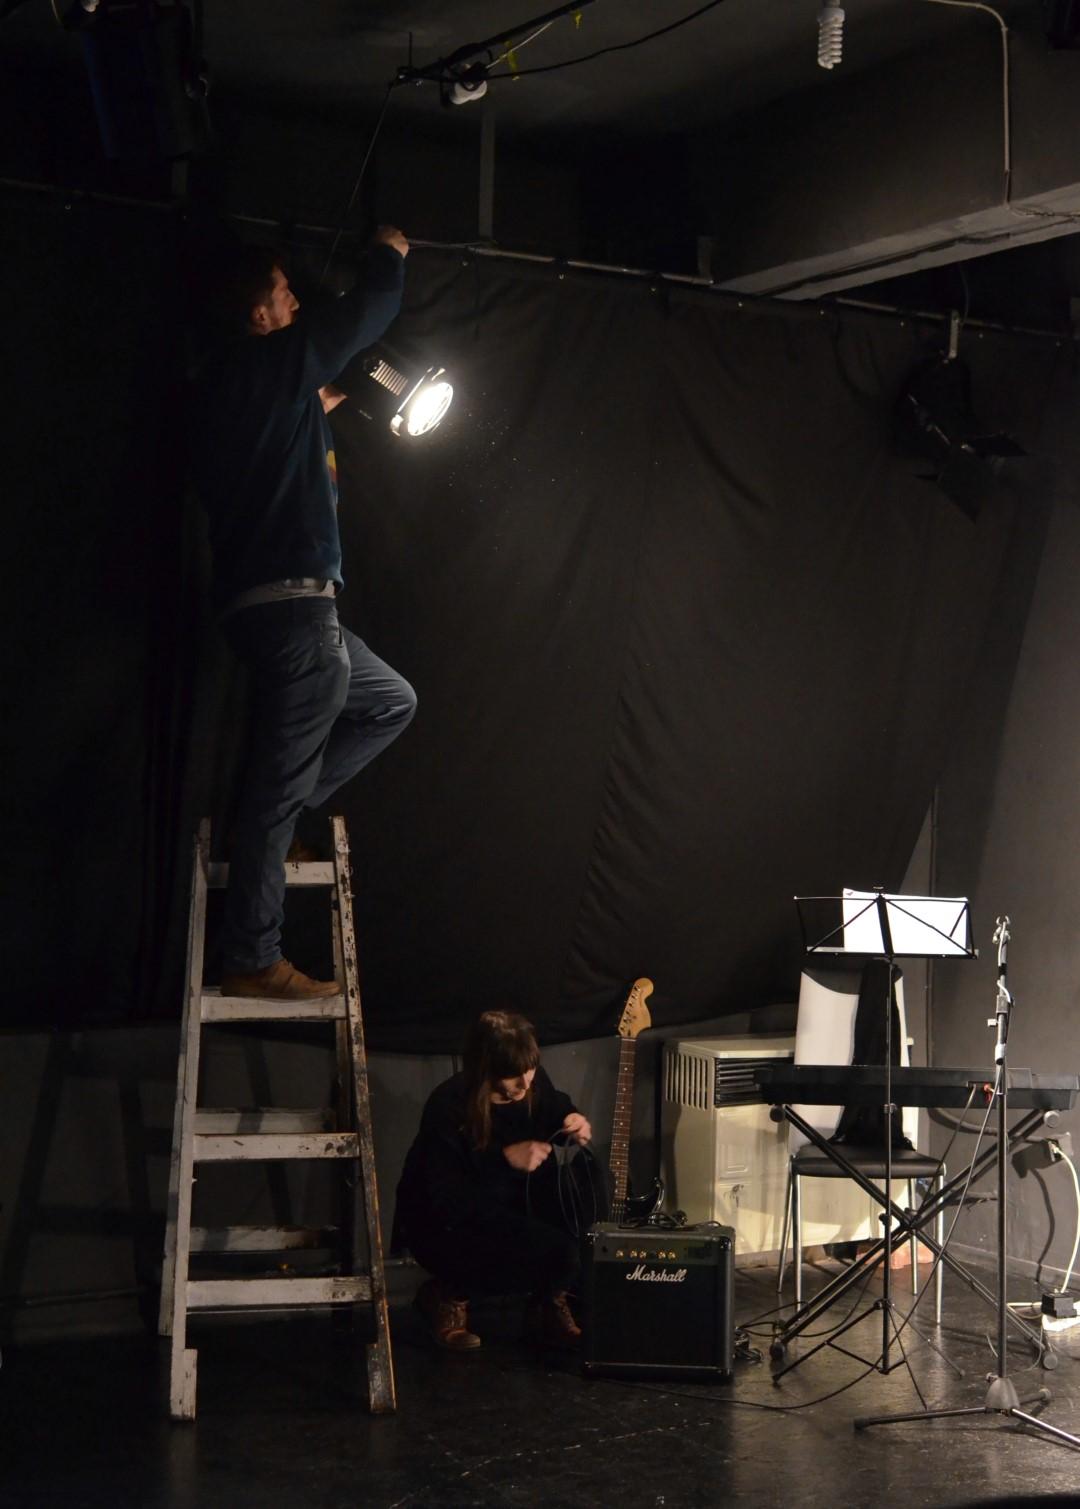 Reflectoarele se sting. Actorii își scriu propria istorie | REACTOR de creație și experiment